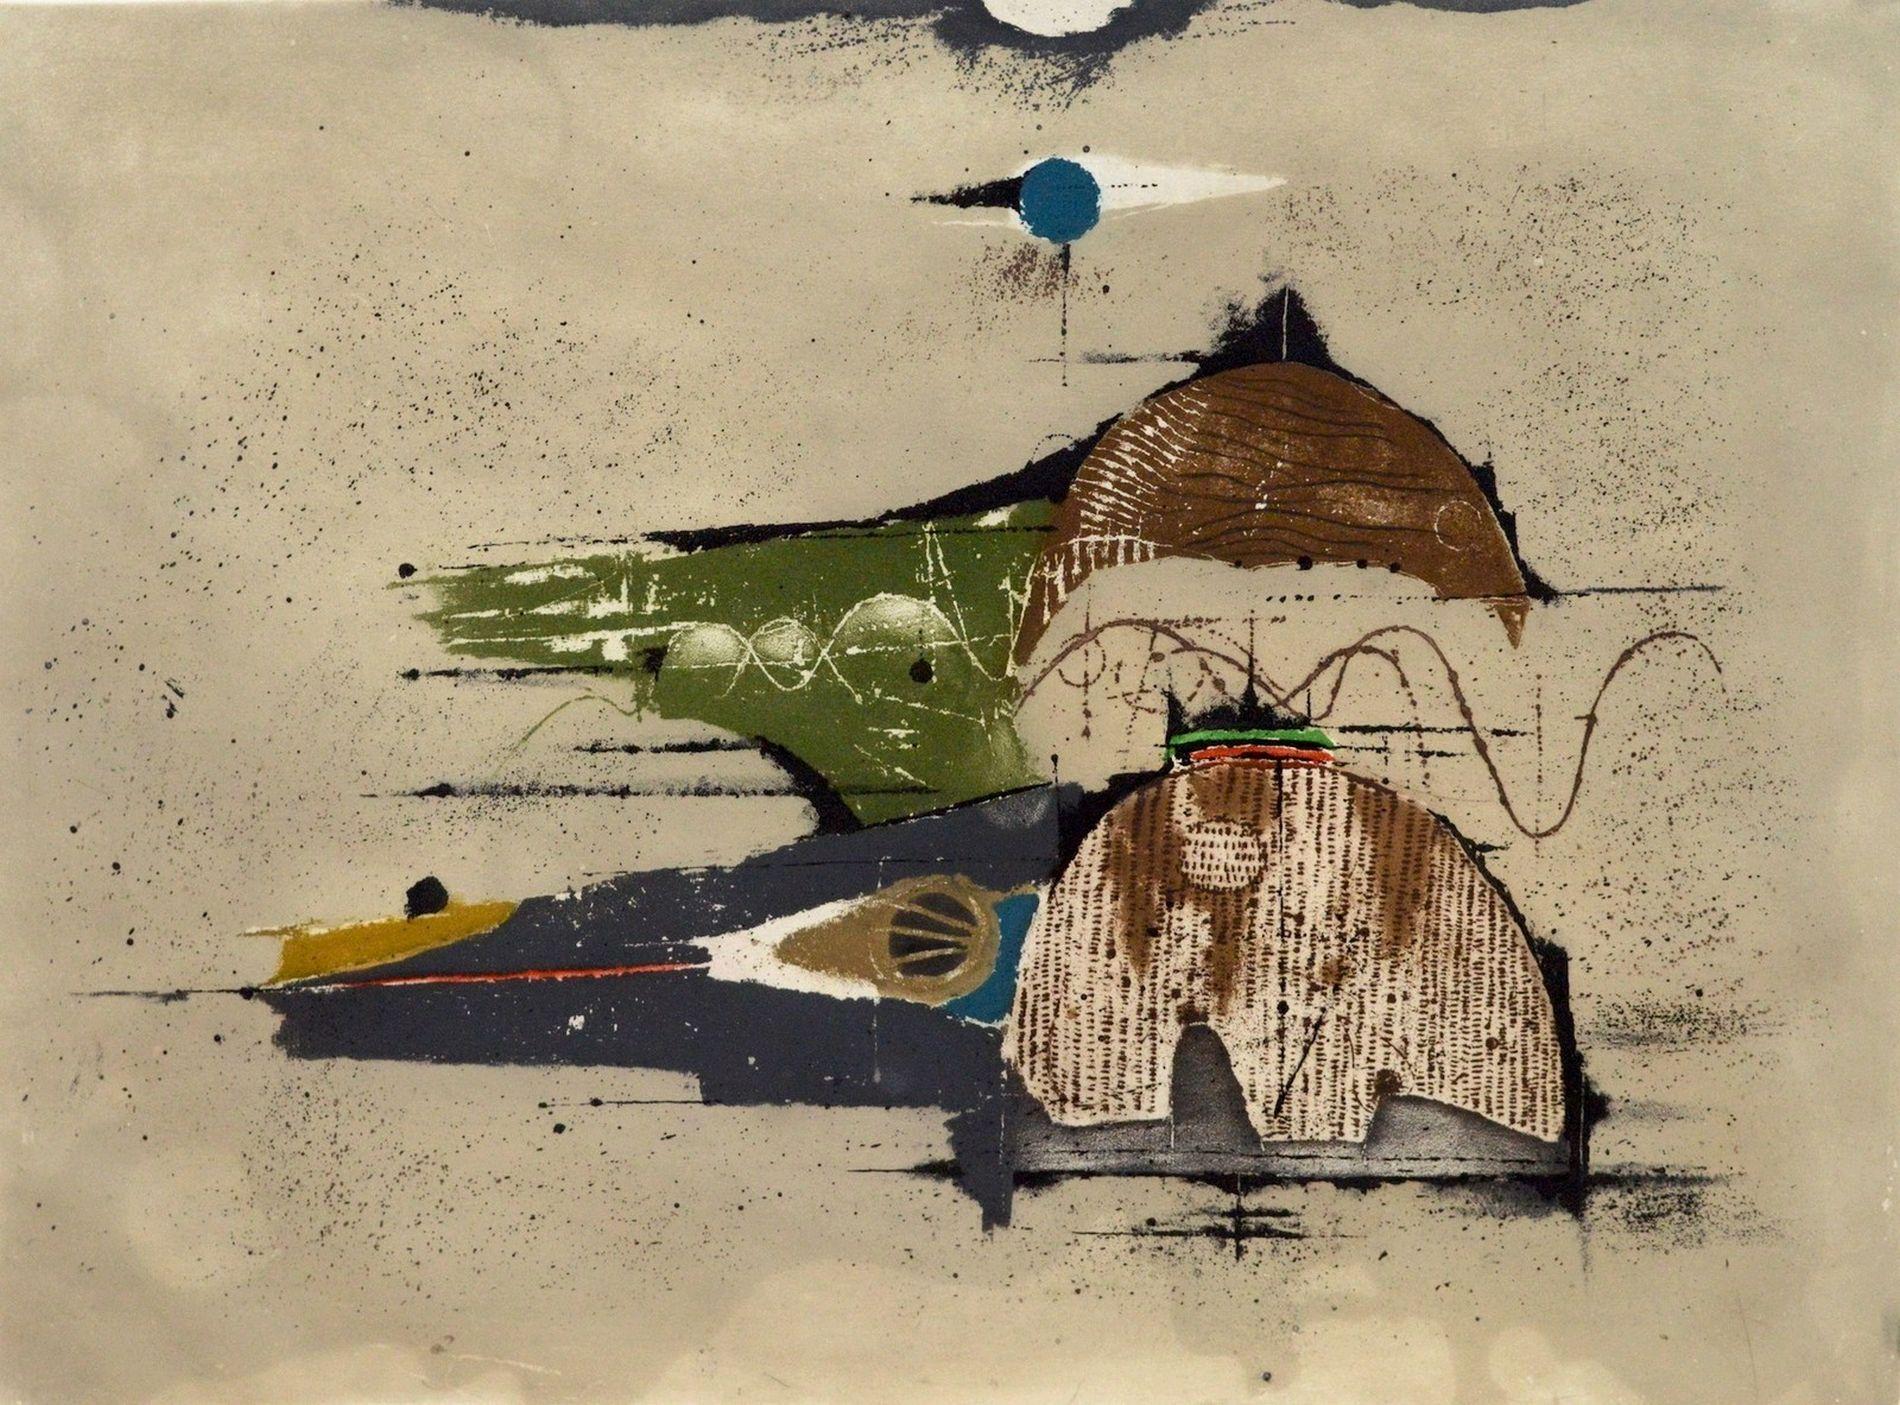 friedlaender, Johnny, Kunst, Galerie Voigt, Nürnberg